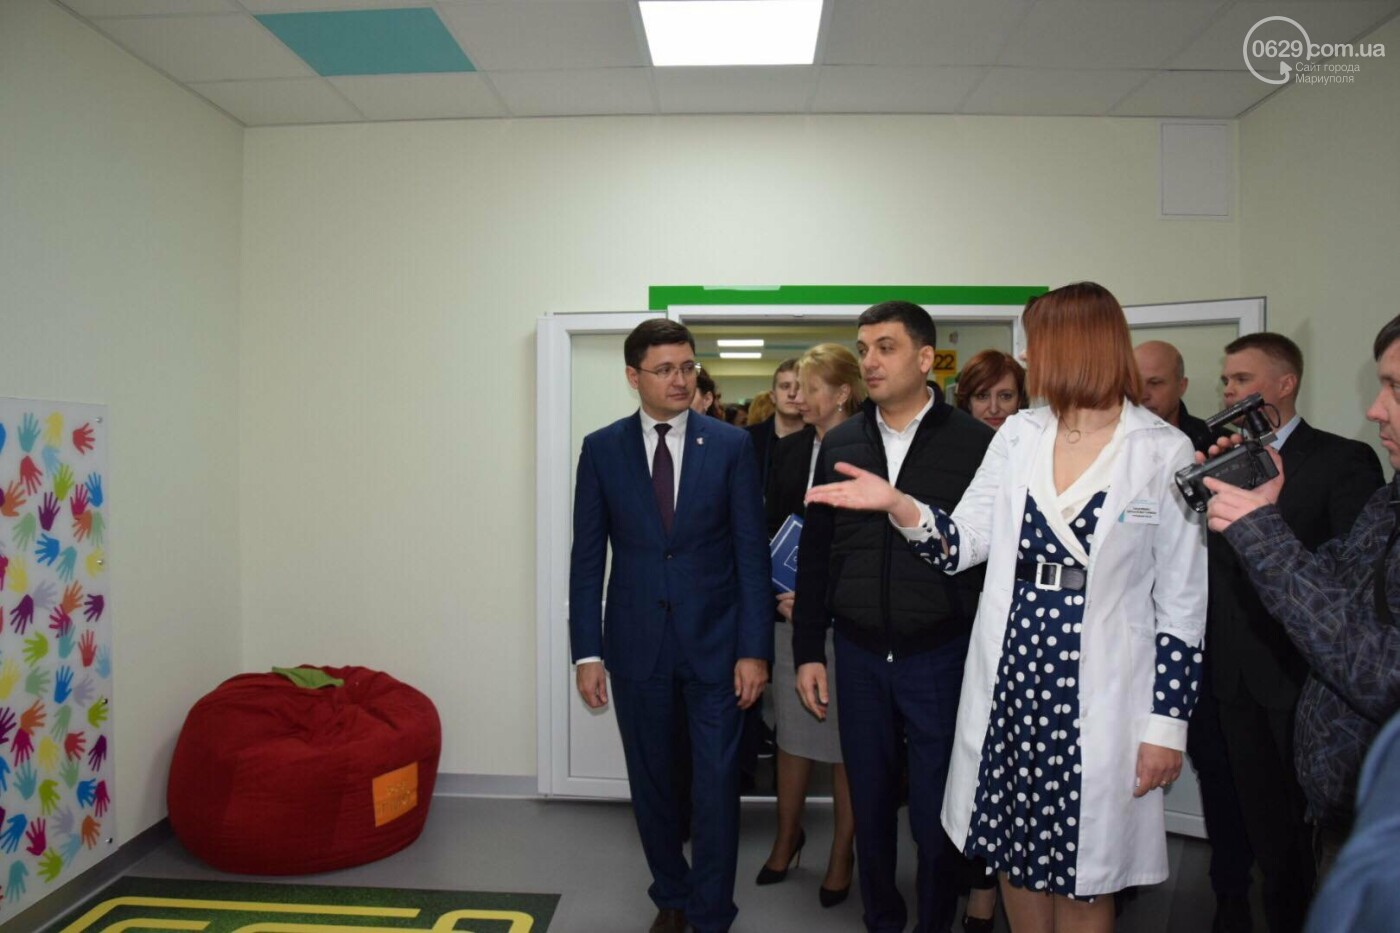 В Мариуполе Владимир Гройсман открыл детскую поликлинику и познакомился с Сережей, - ФОТОРЕПОРТАЖ, ВИДЕО, фото-47